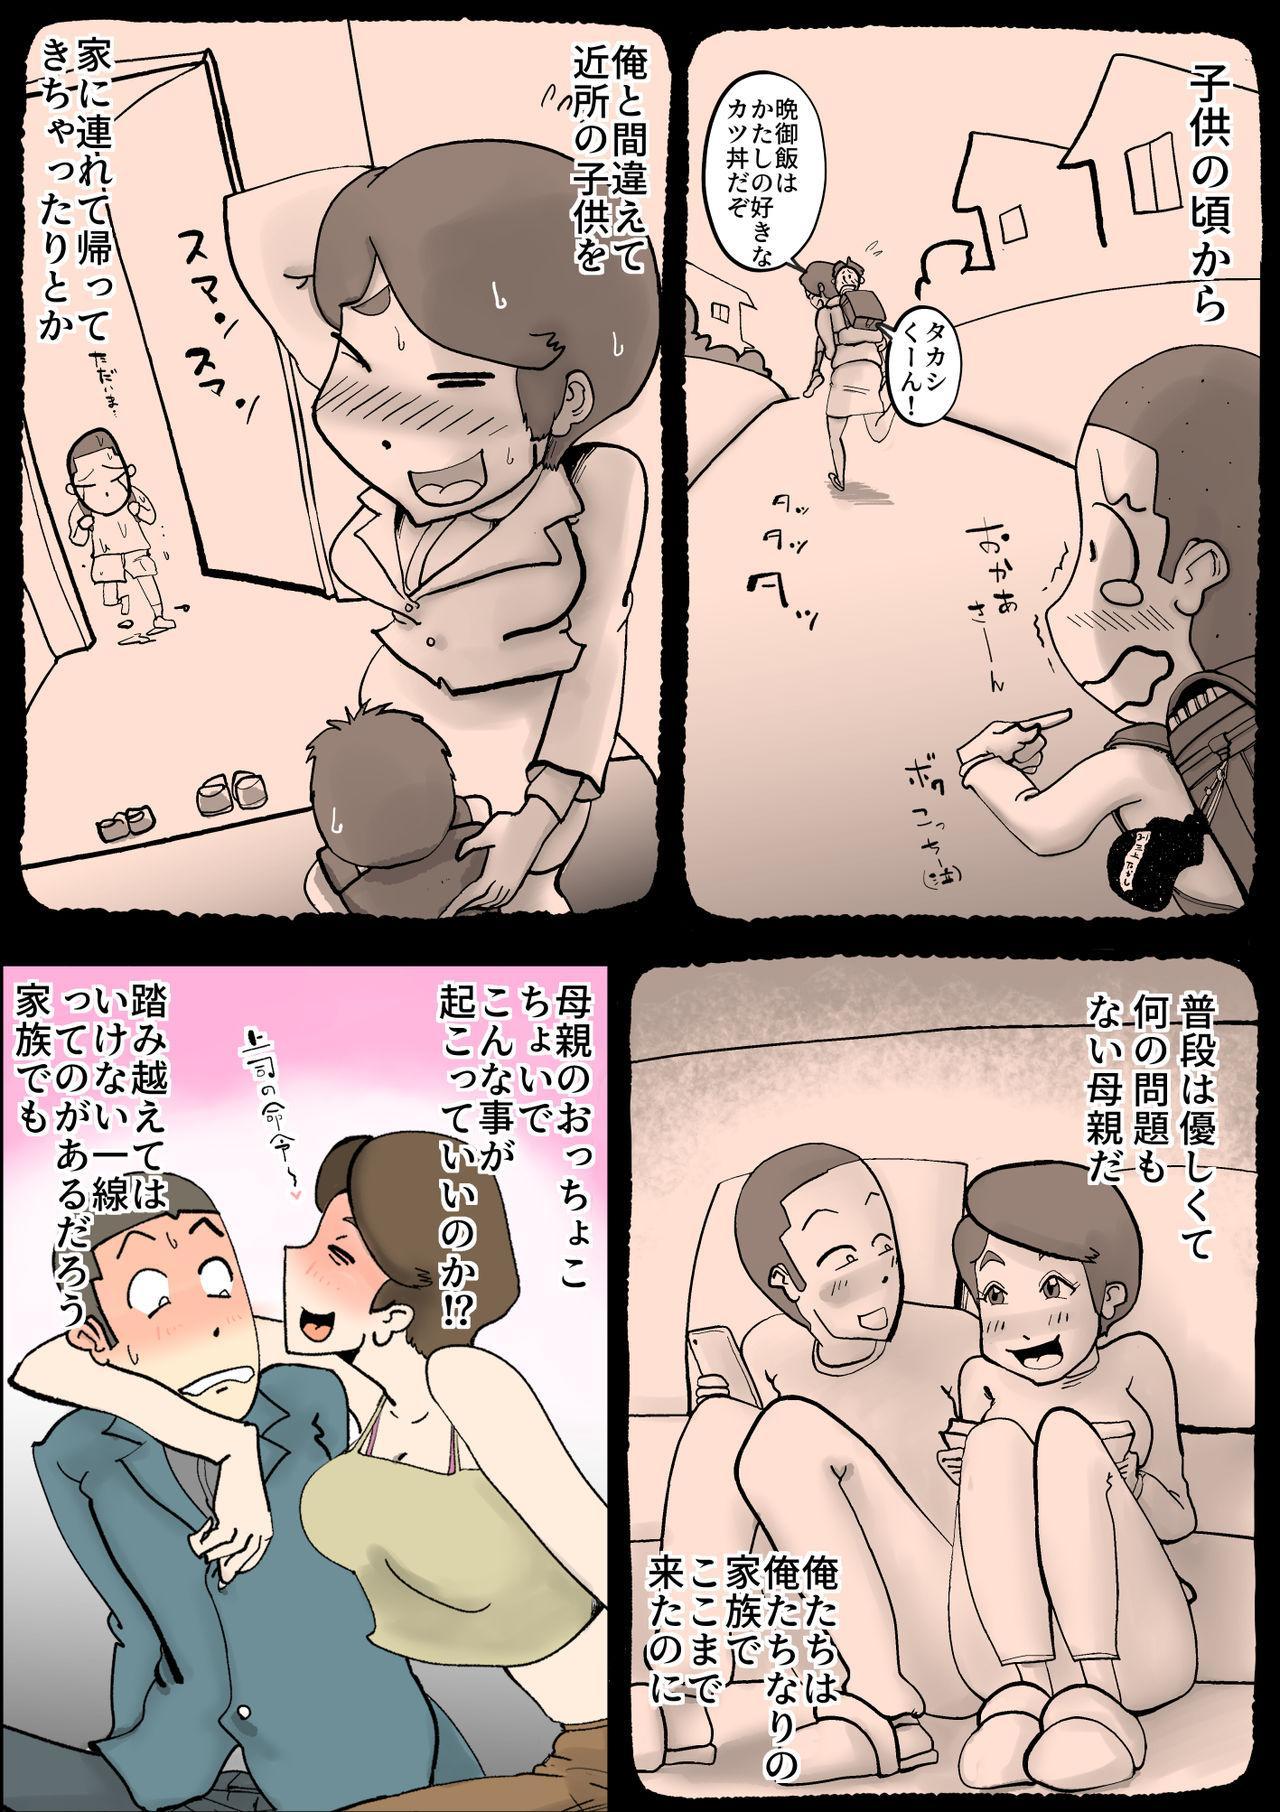 Yotta Hahaoya Ga Guigui Kuru Hanashi 8